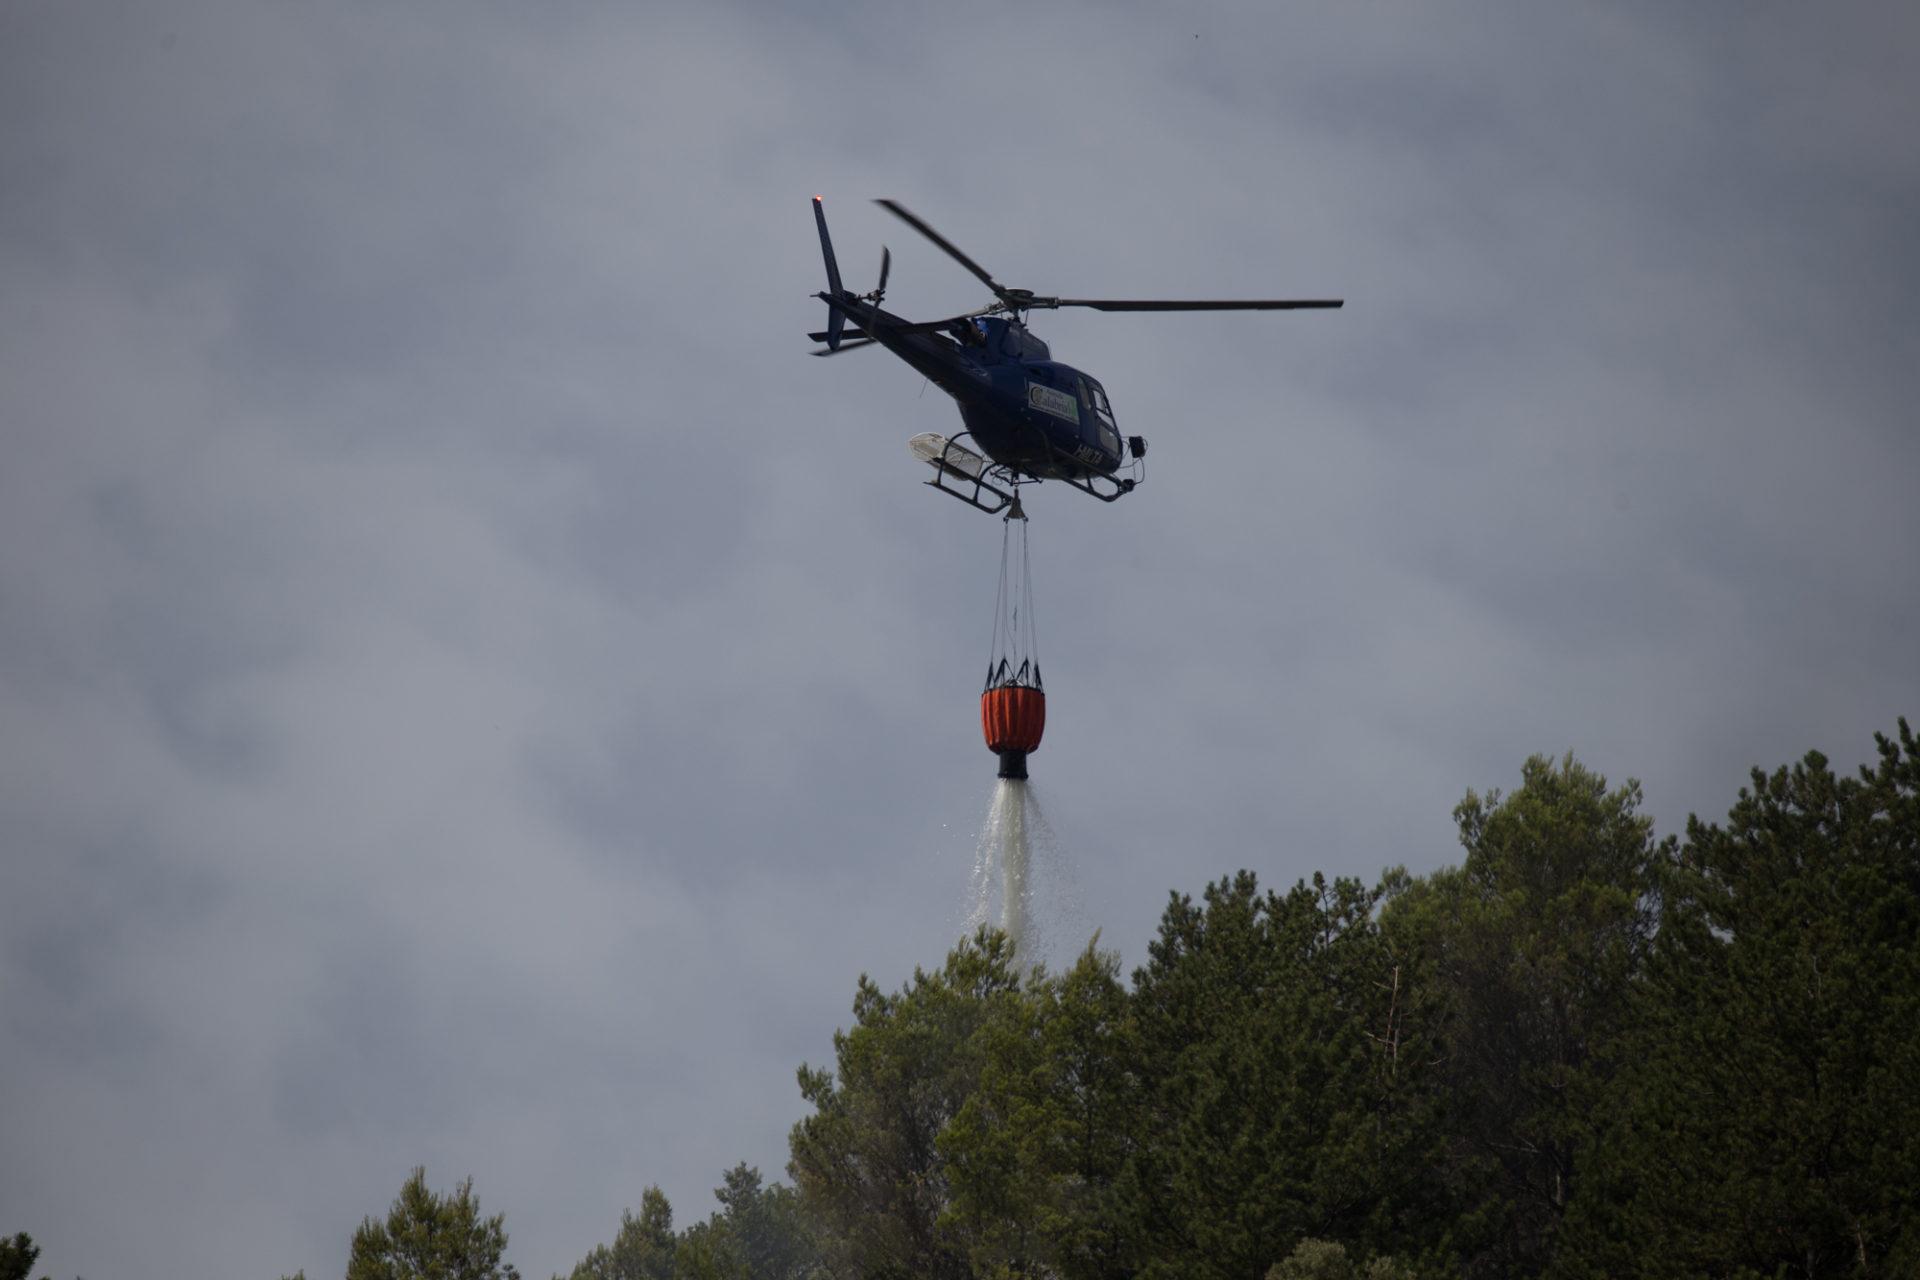 Trasporto in elicottero costo